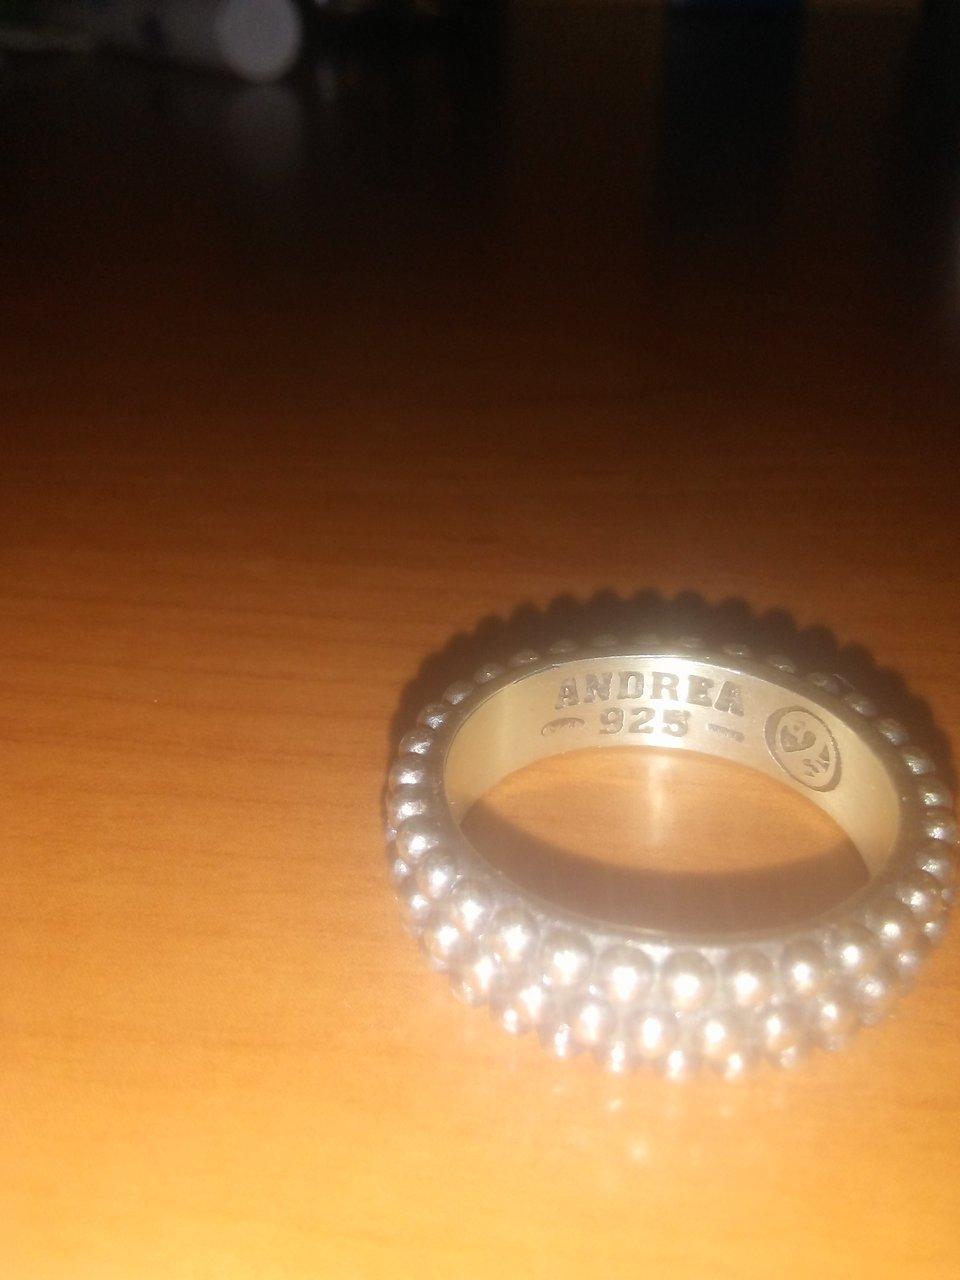 599426e4e8 andrea925 Handmade Jewelry (Roma): AGGIORNATO 2019 - tutto quello ...